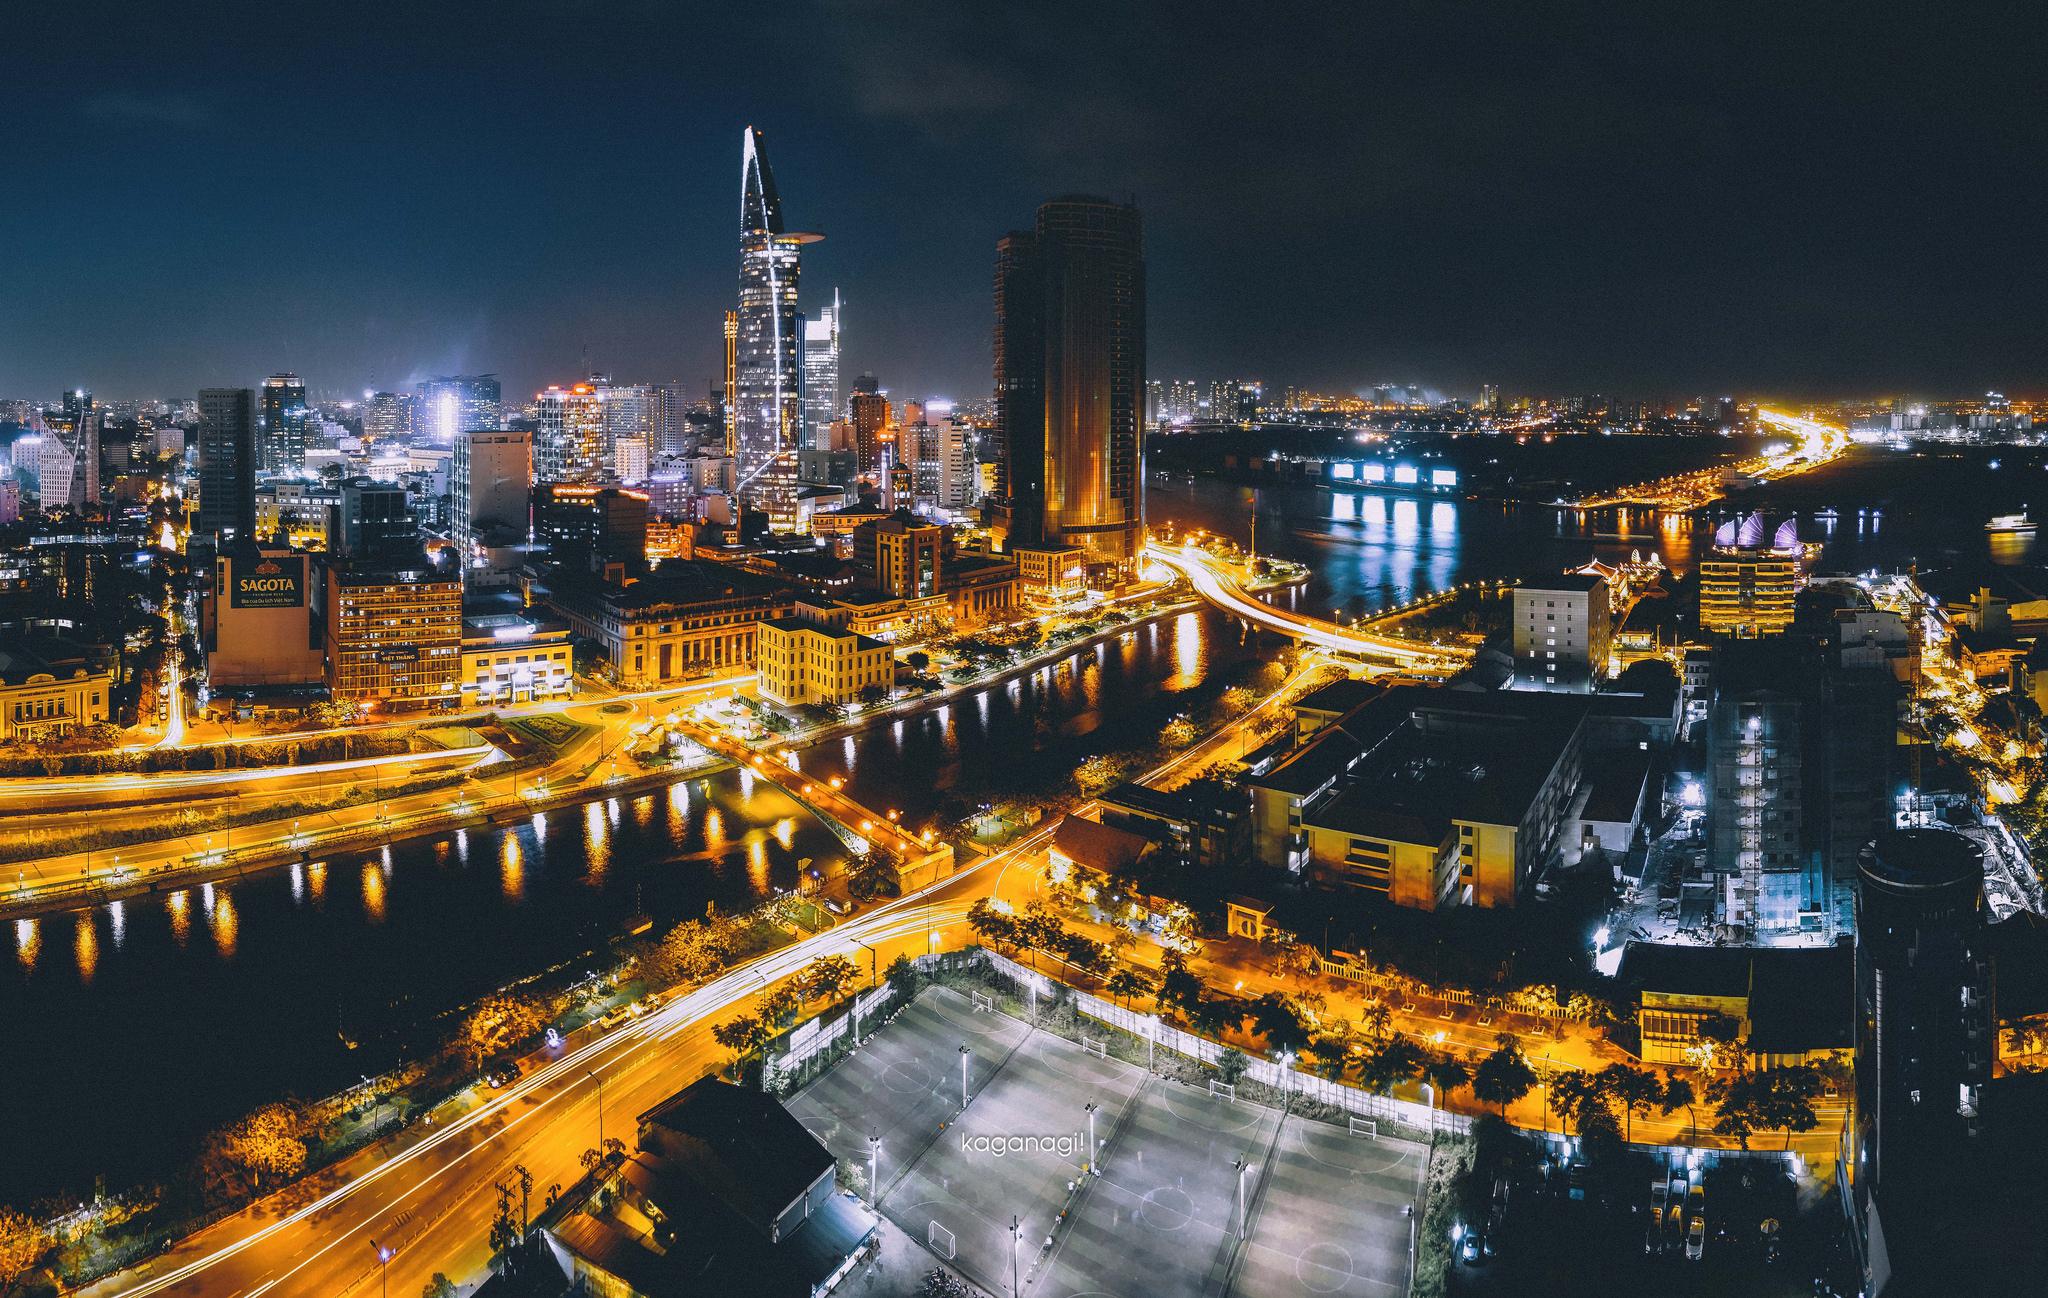 9x với loạt ảnh chụp từ trên cao khiến bạn ngỡ ngàng vì vẻ đẹp choáng ngợp của Sài Gòn - Ảnh 12.